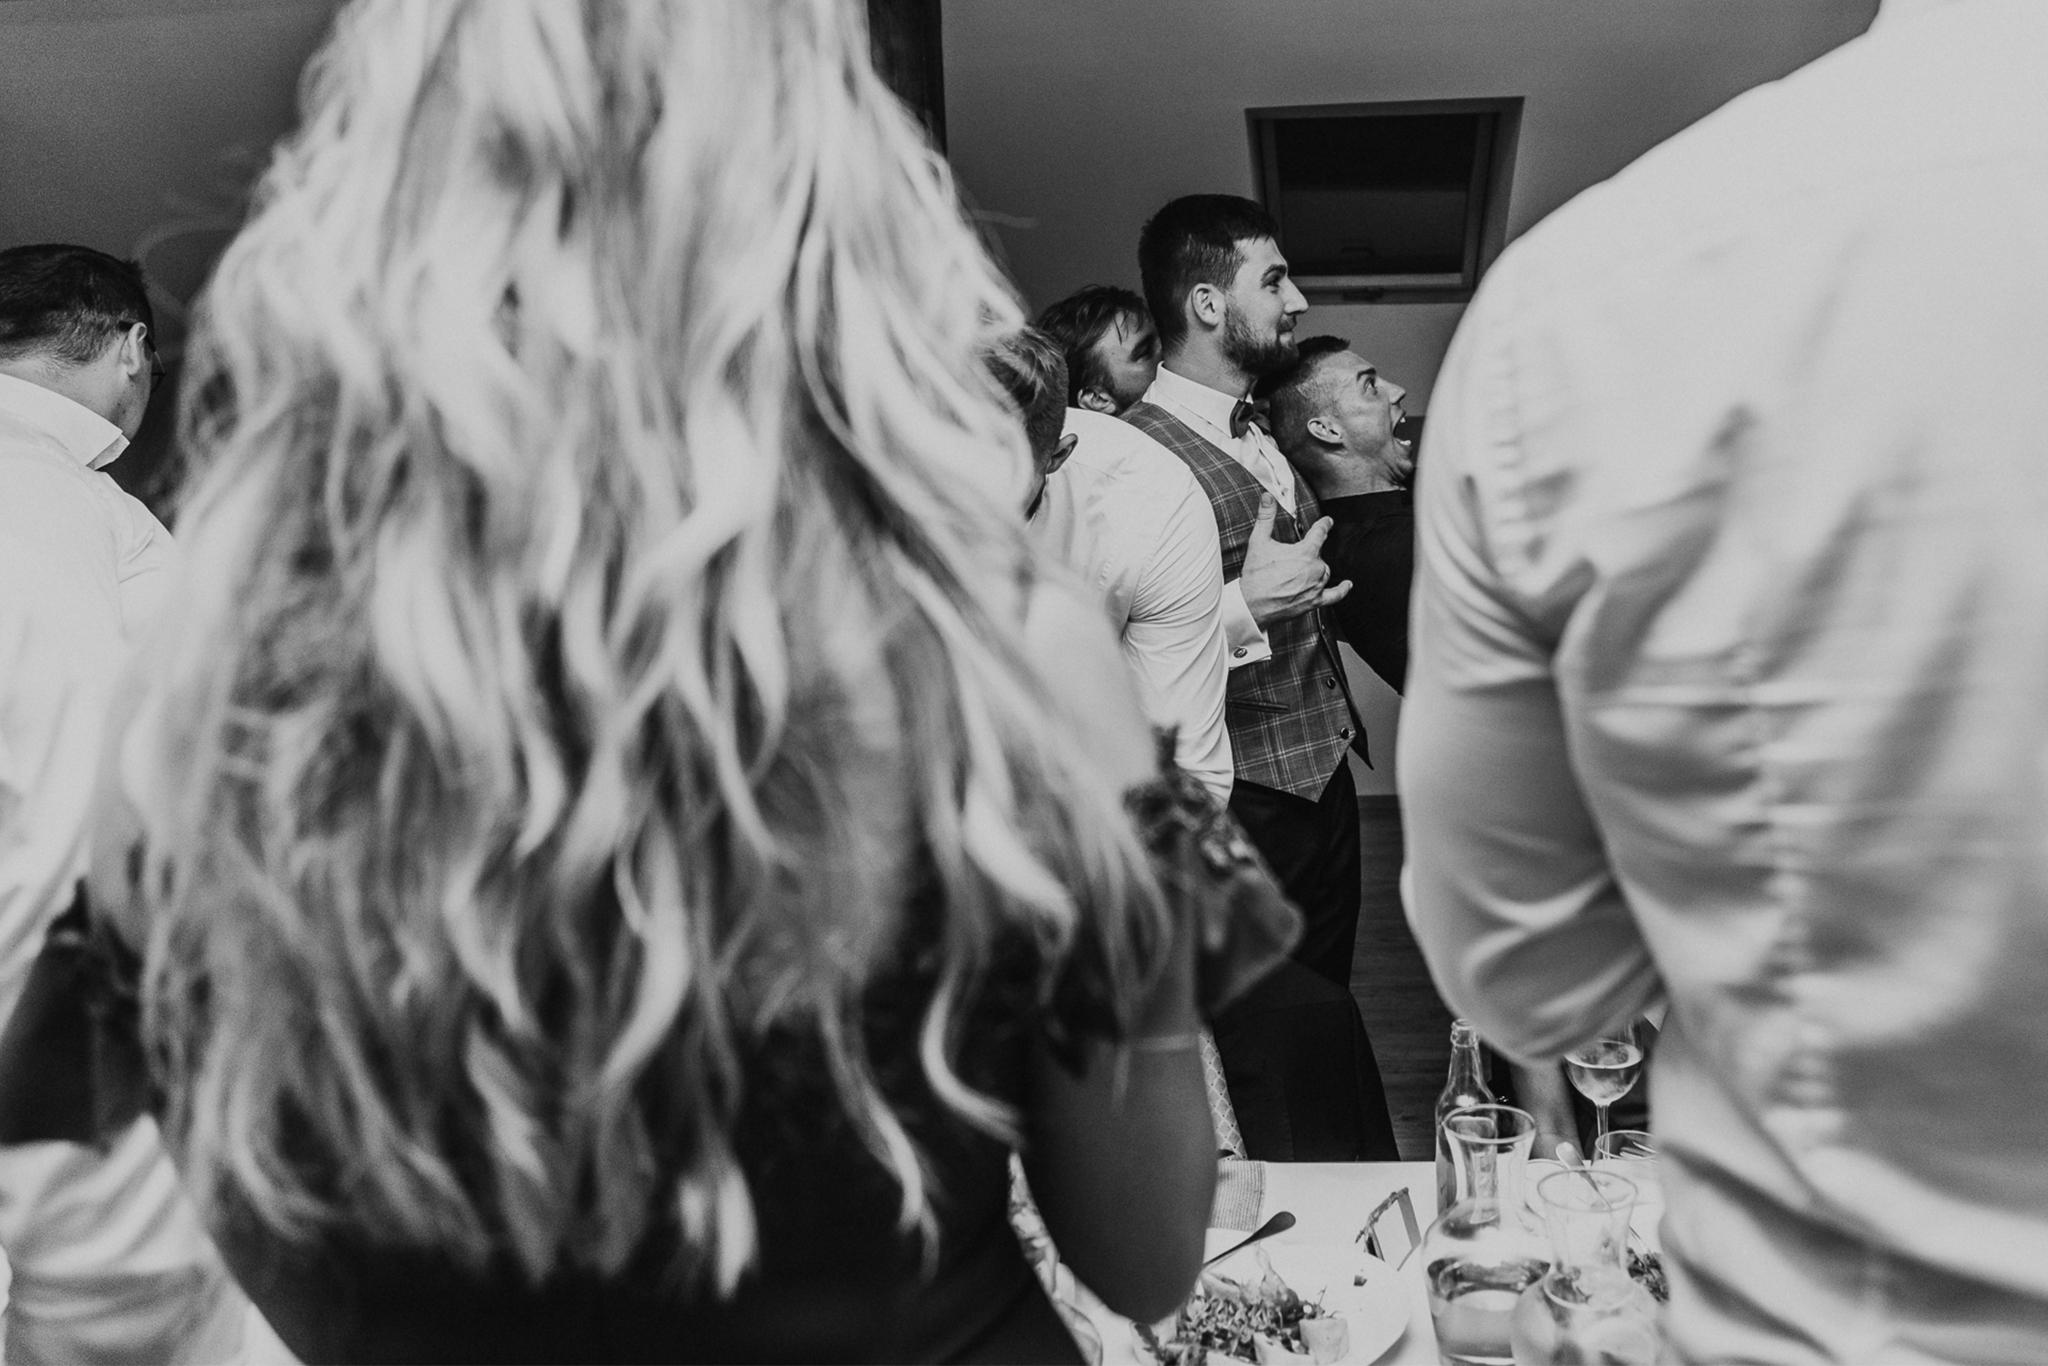 fotograf-na-slub-grodzisk-mazowiecki-warszawa-mazowieckie-milanowek-slub-rustykalny-wesele-rustykalne-boho-detale-slubne-fotograf-slubny-warszawa-romantyczny-slub-uslugodawcy-slubni-warszawa